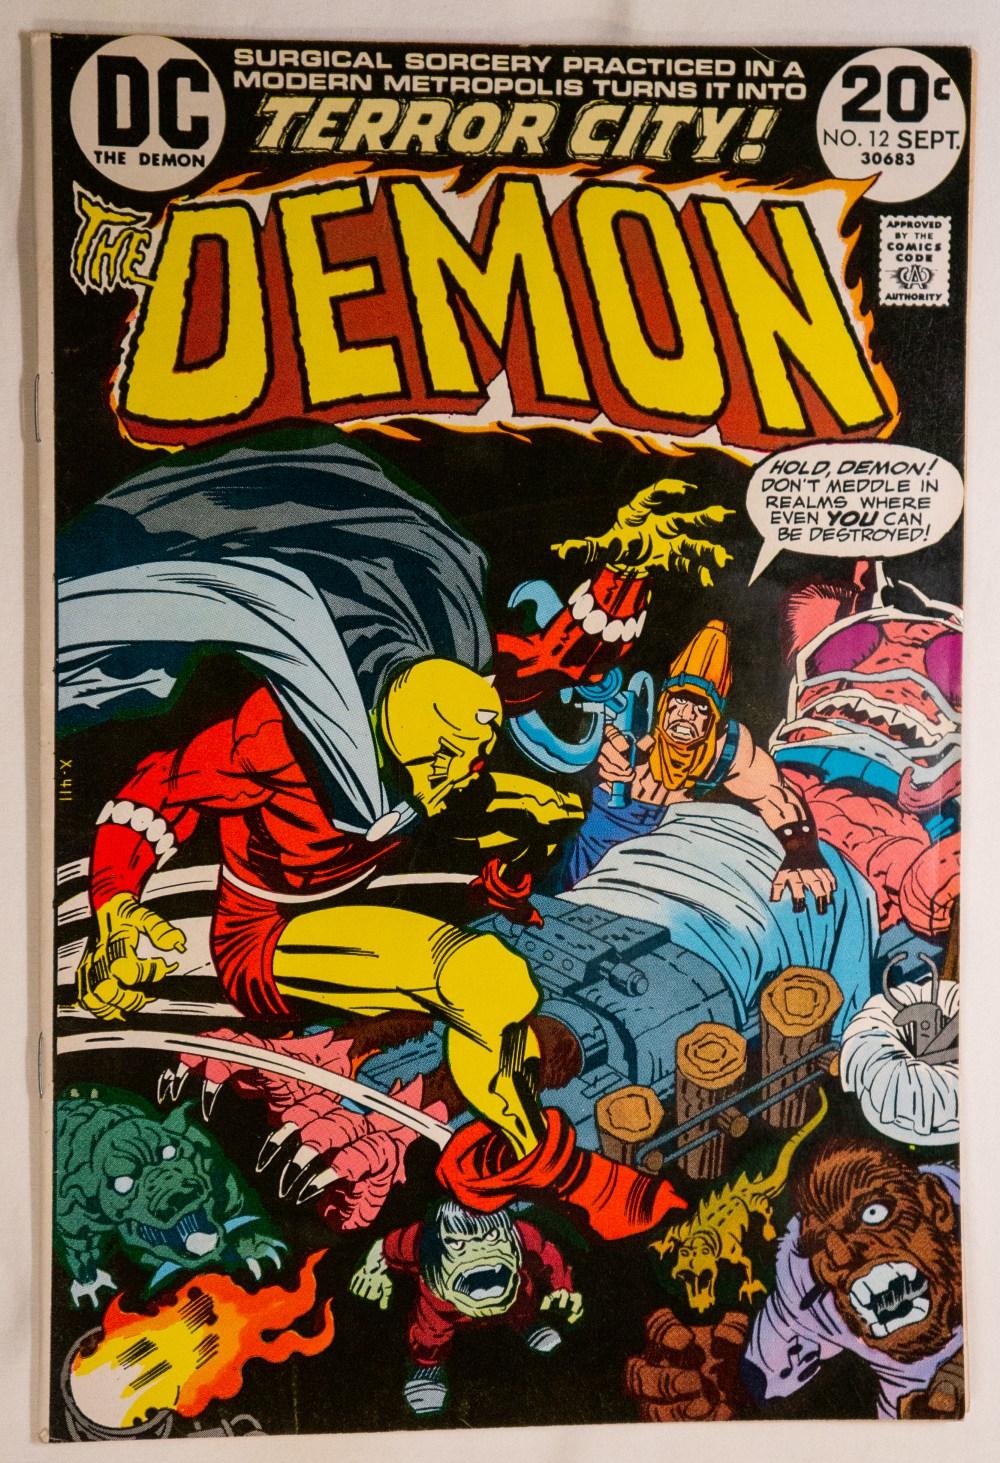 The Demon #12